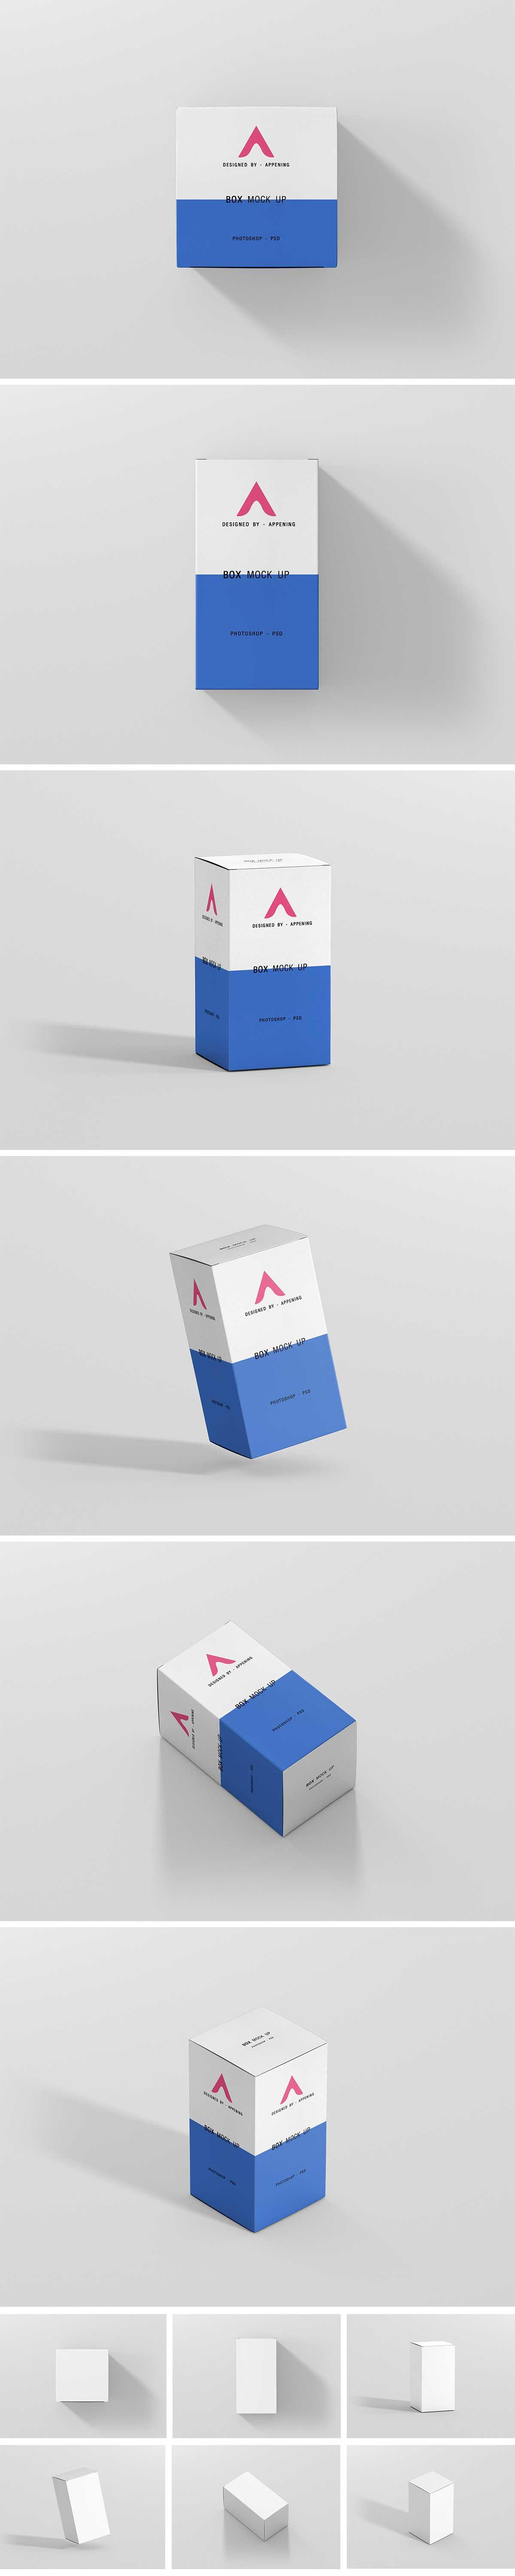 six-box-mockups